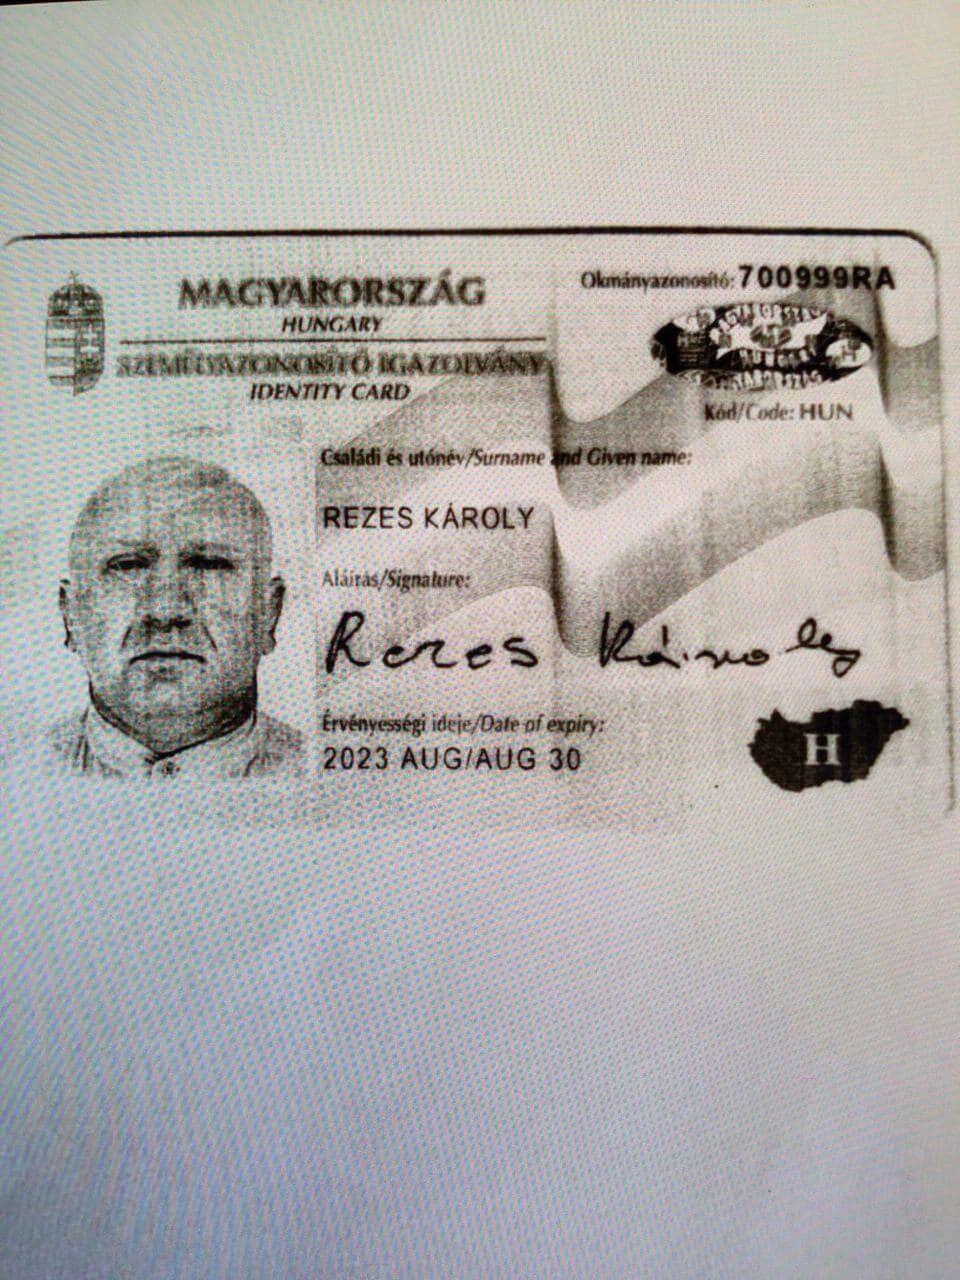 Скан идентификационной карты Резеша